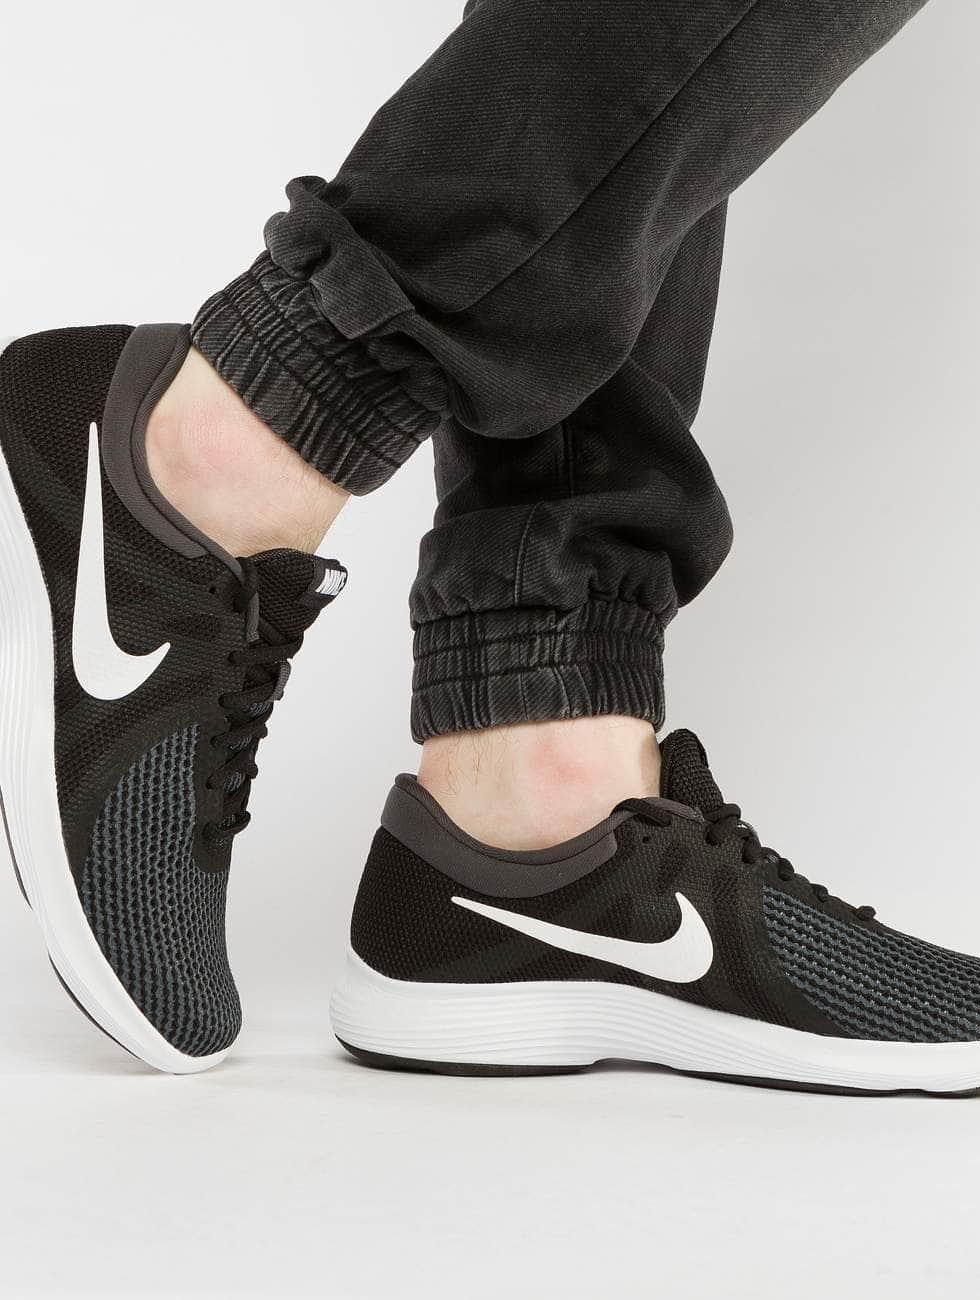 Outlet Uitstekend Nike Performance schoen / sneaker Revolution 4 in zwart 471169 Outlet Genieten Kies Een Beste Goedkope Online Geweldige Prijs Goedkope Prijs Verkoop Grootste Leverancier 0w8x8STm